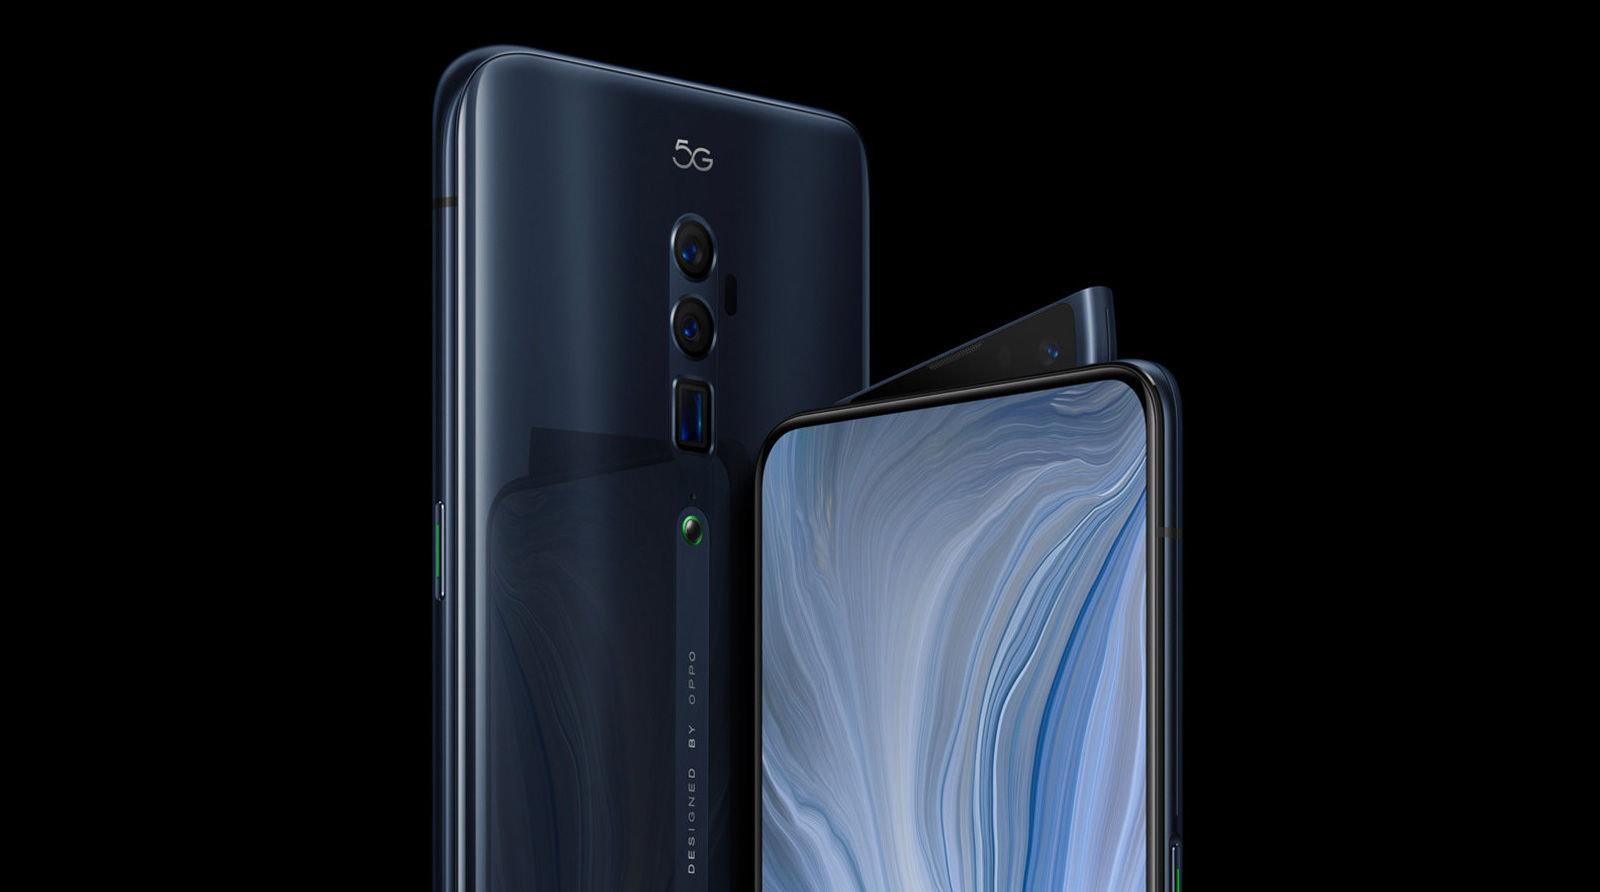 Le Oppo Reno 5G est officiel, mais ne sera pas encore disponible en France